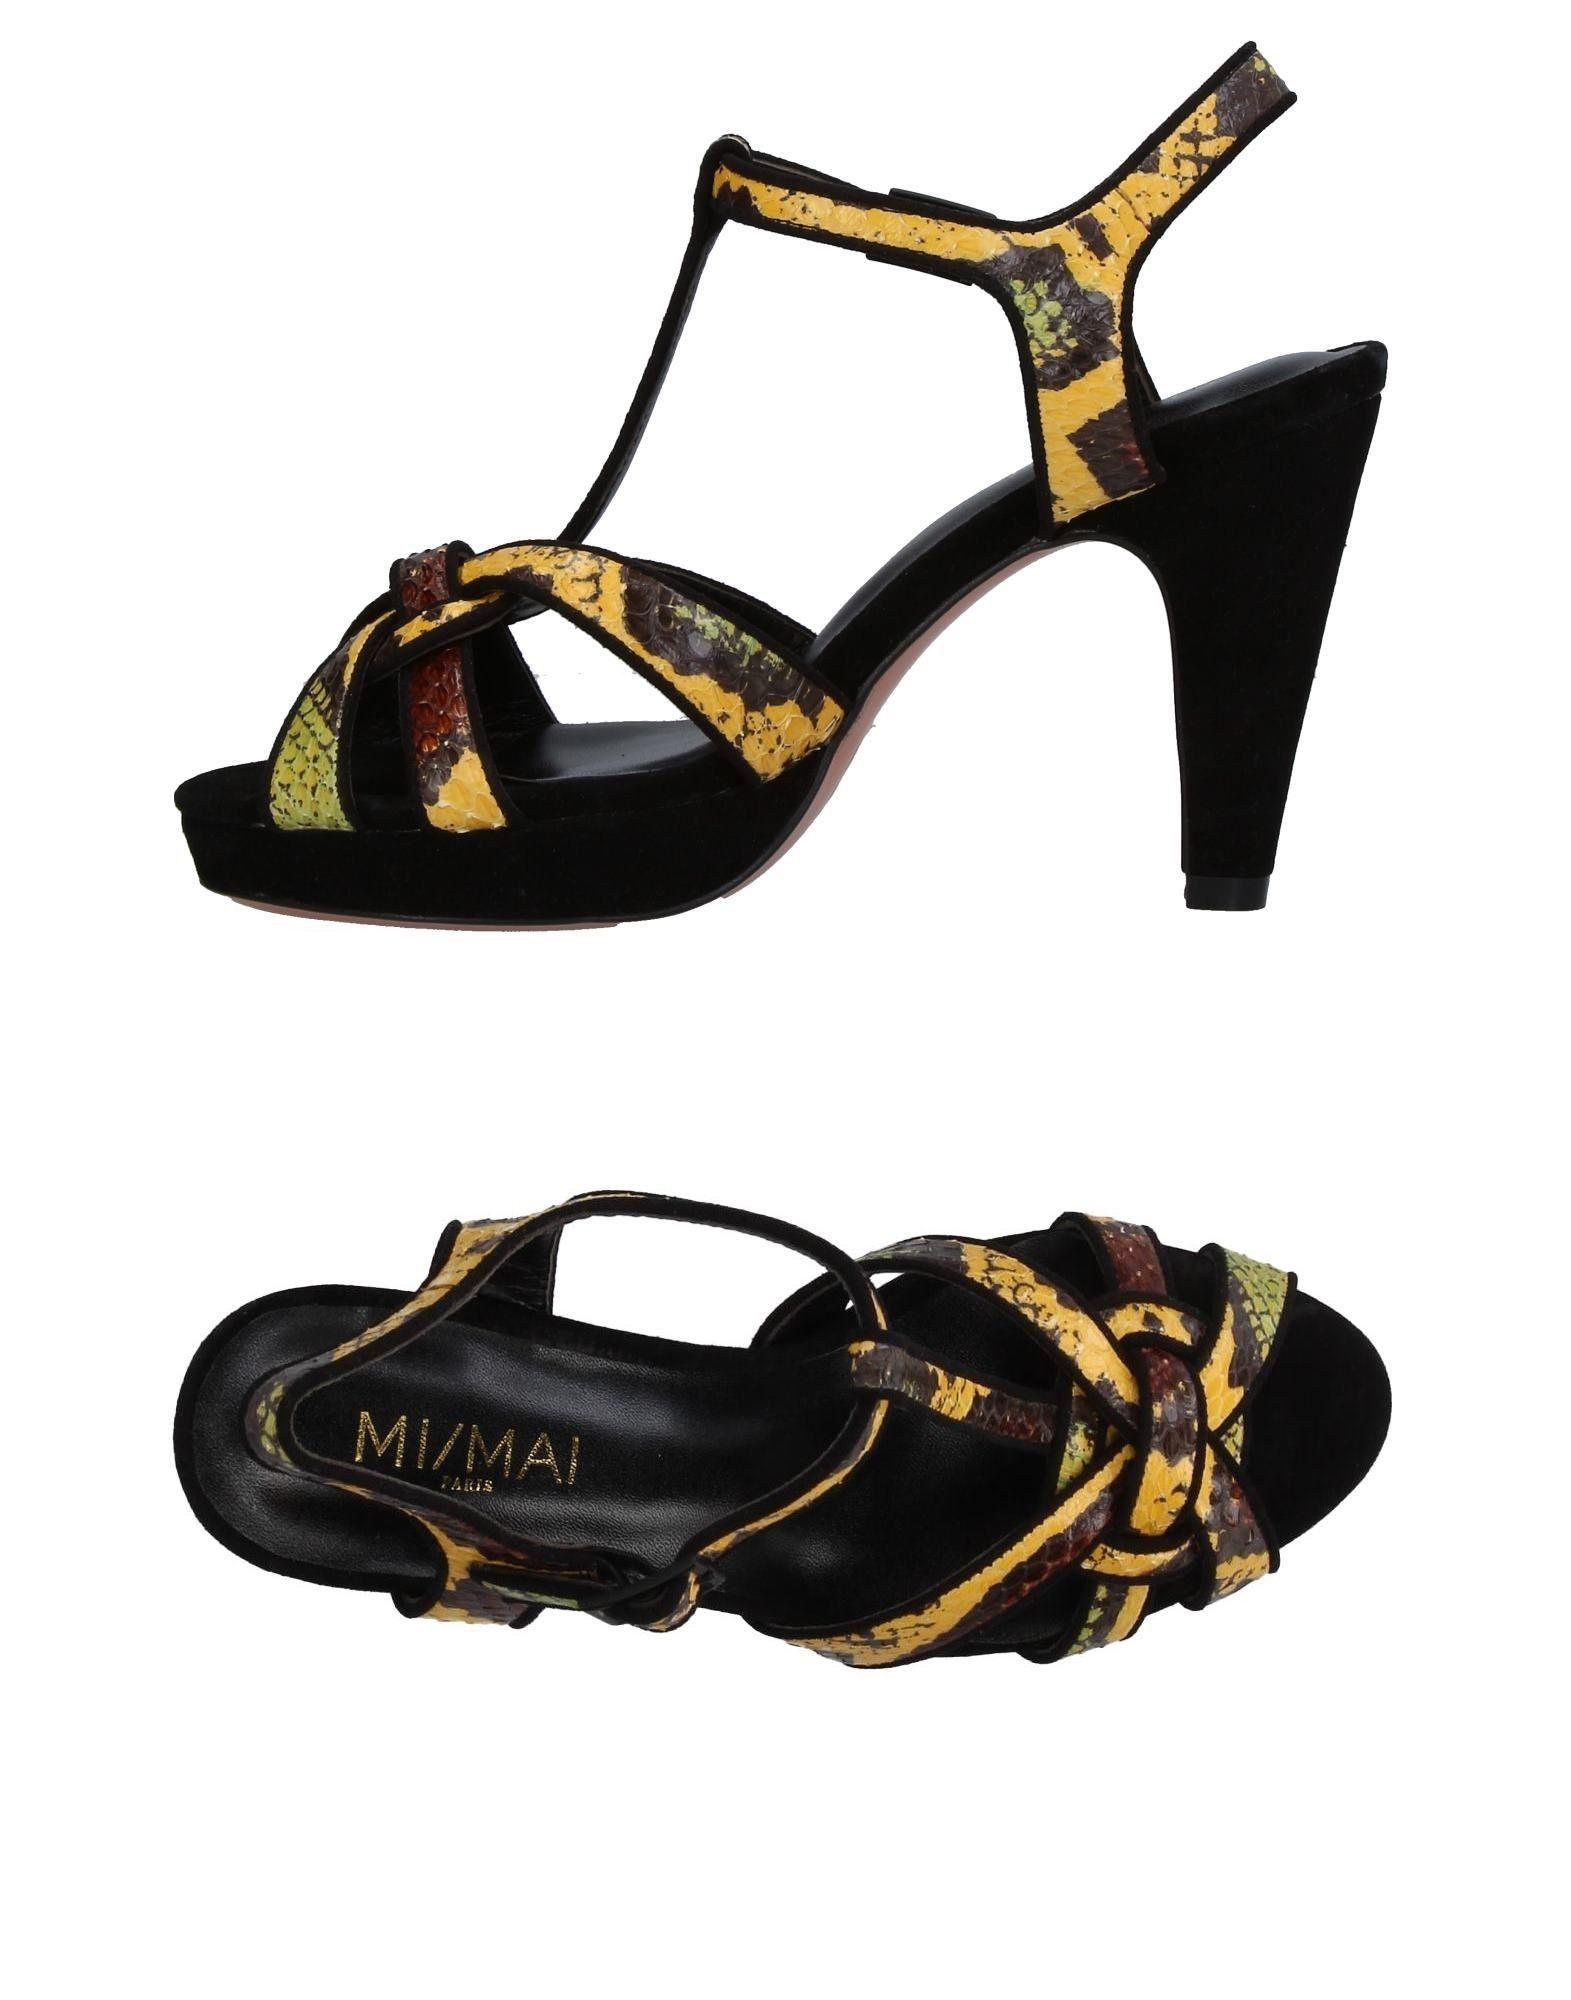 Moda Sandali Mi/Mai Donna - 11408118MX 11408118MX - d98552